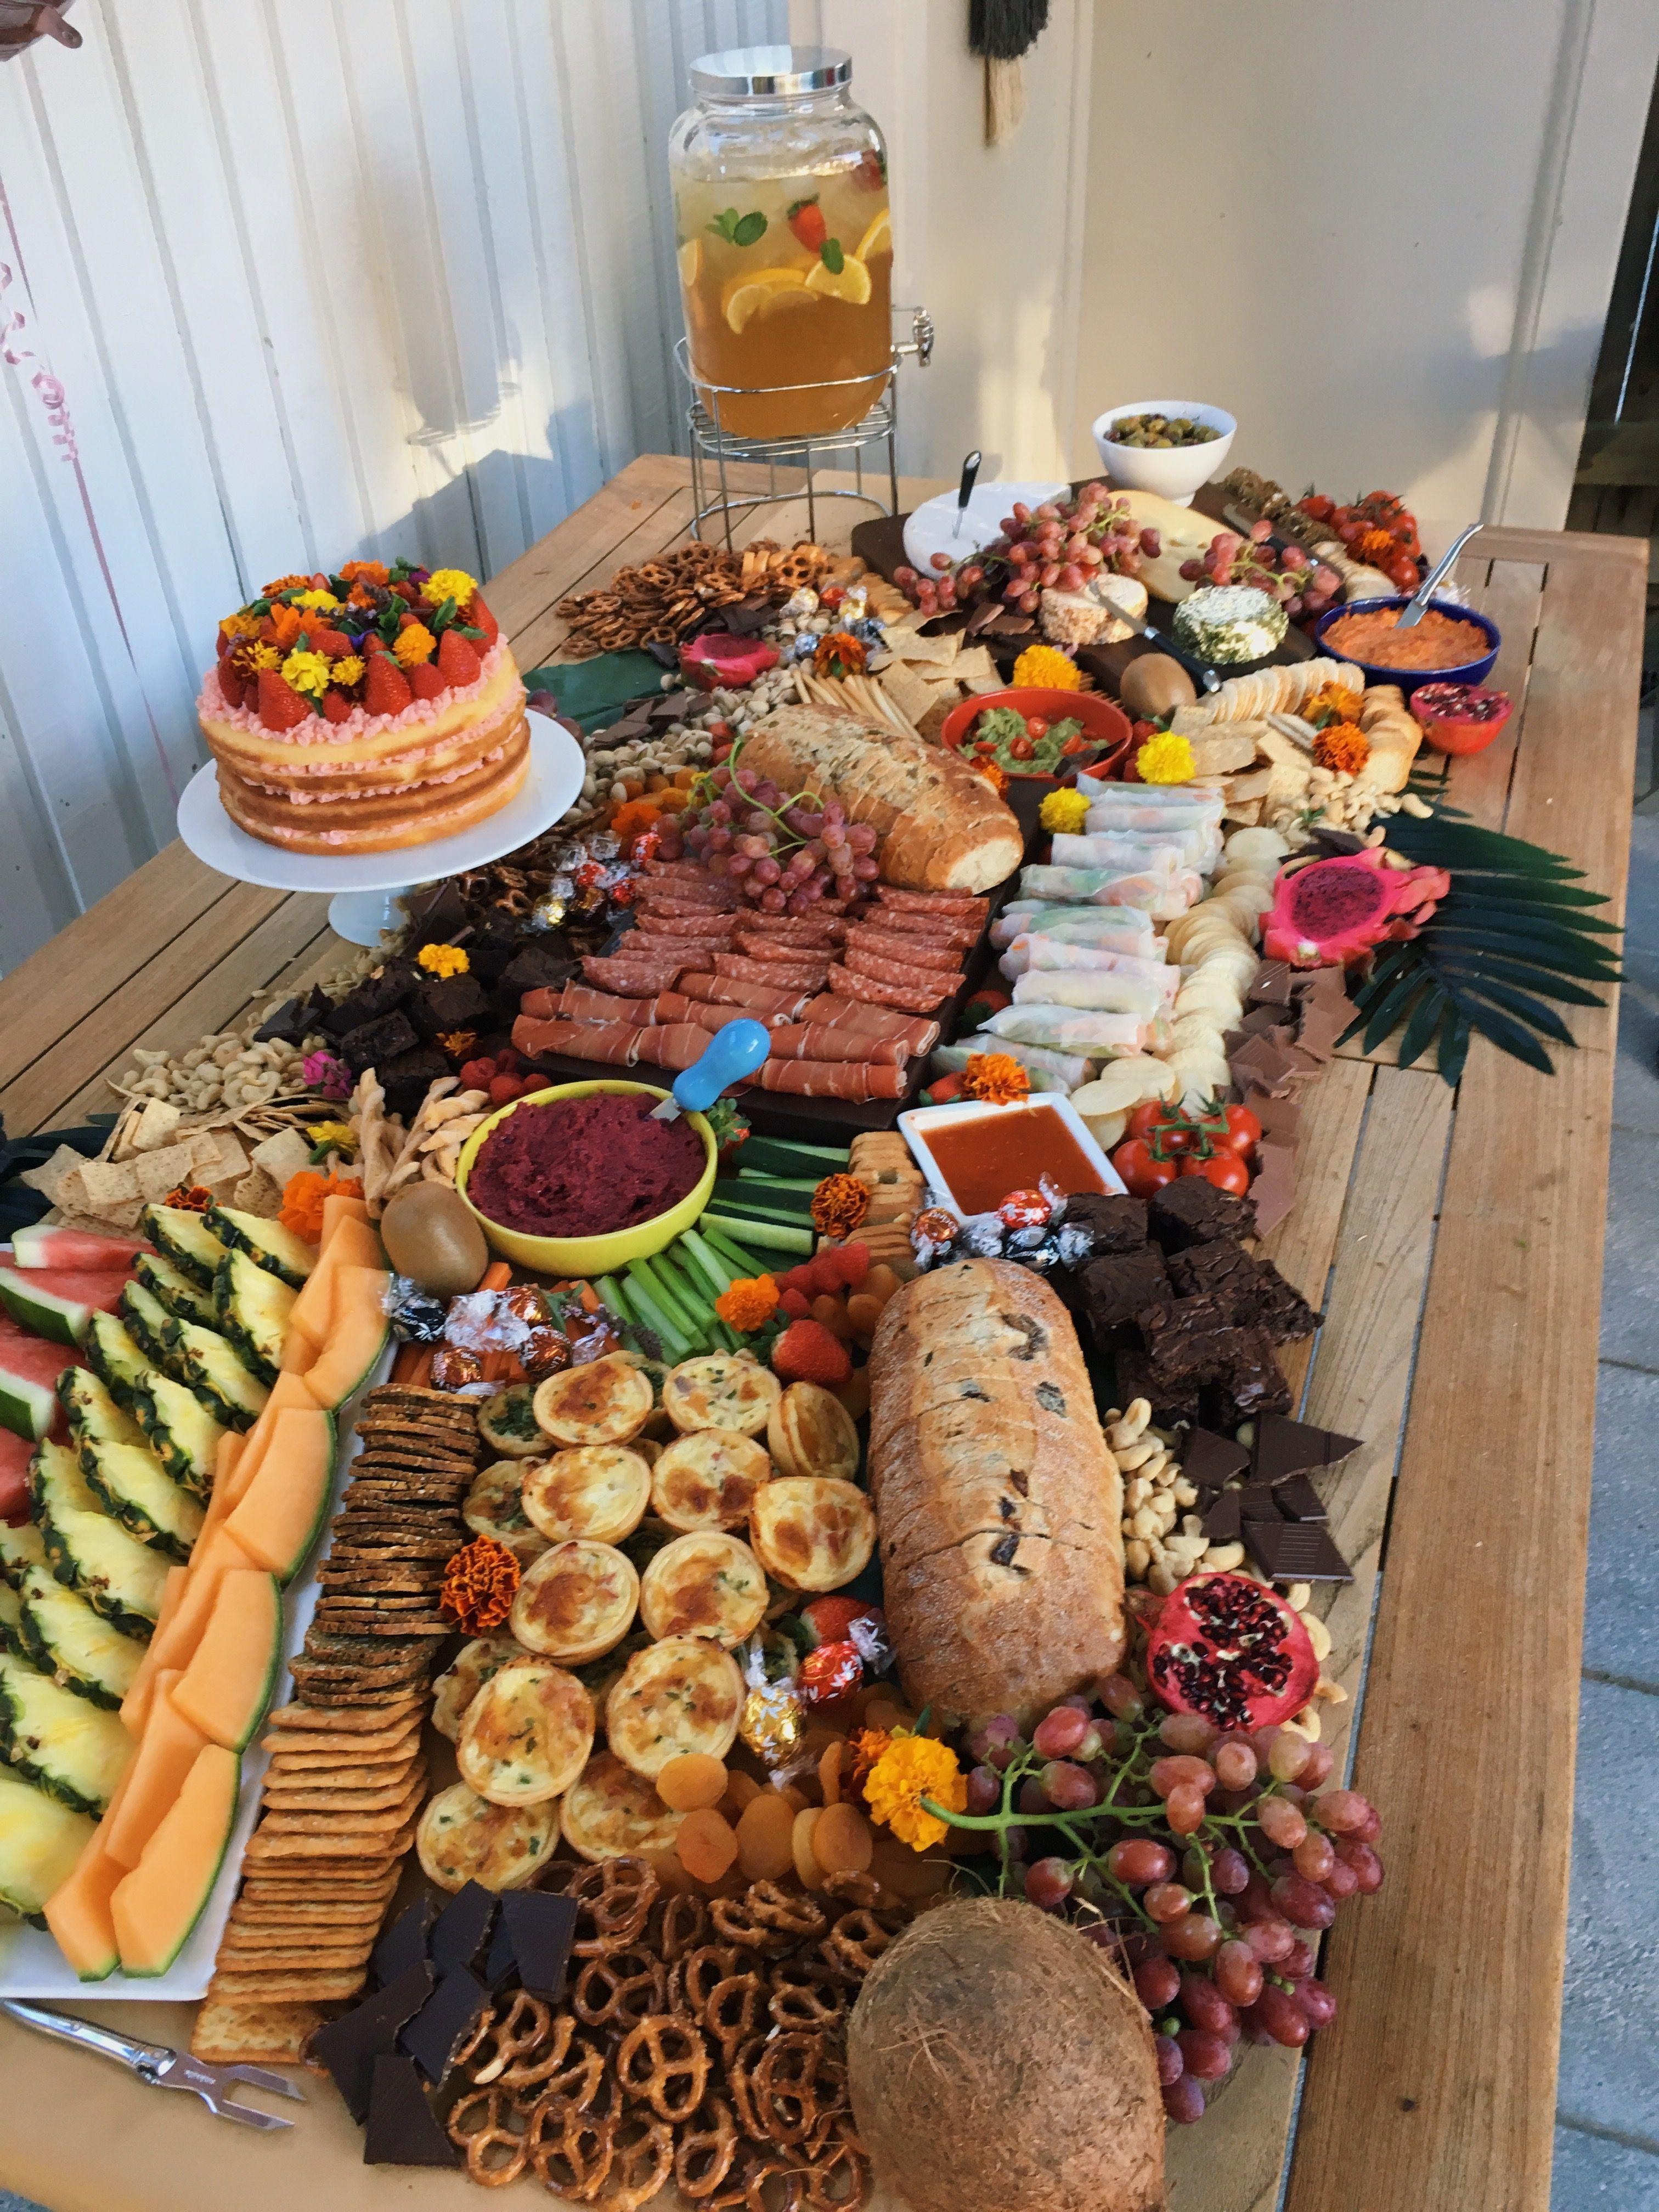 #thegrazingtblelady #grazingtable | Food, Grazing tables